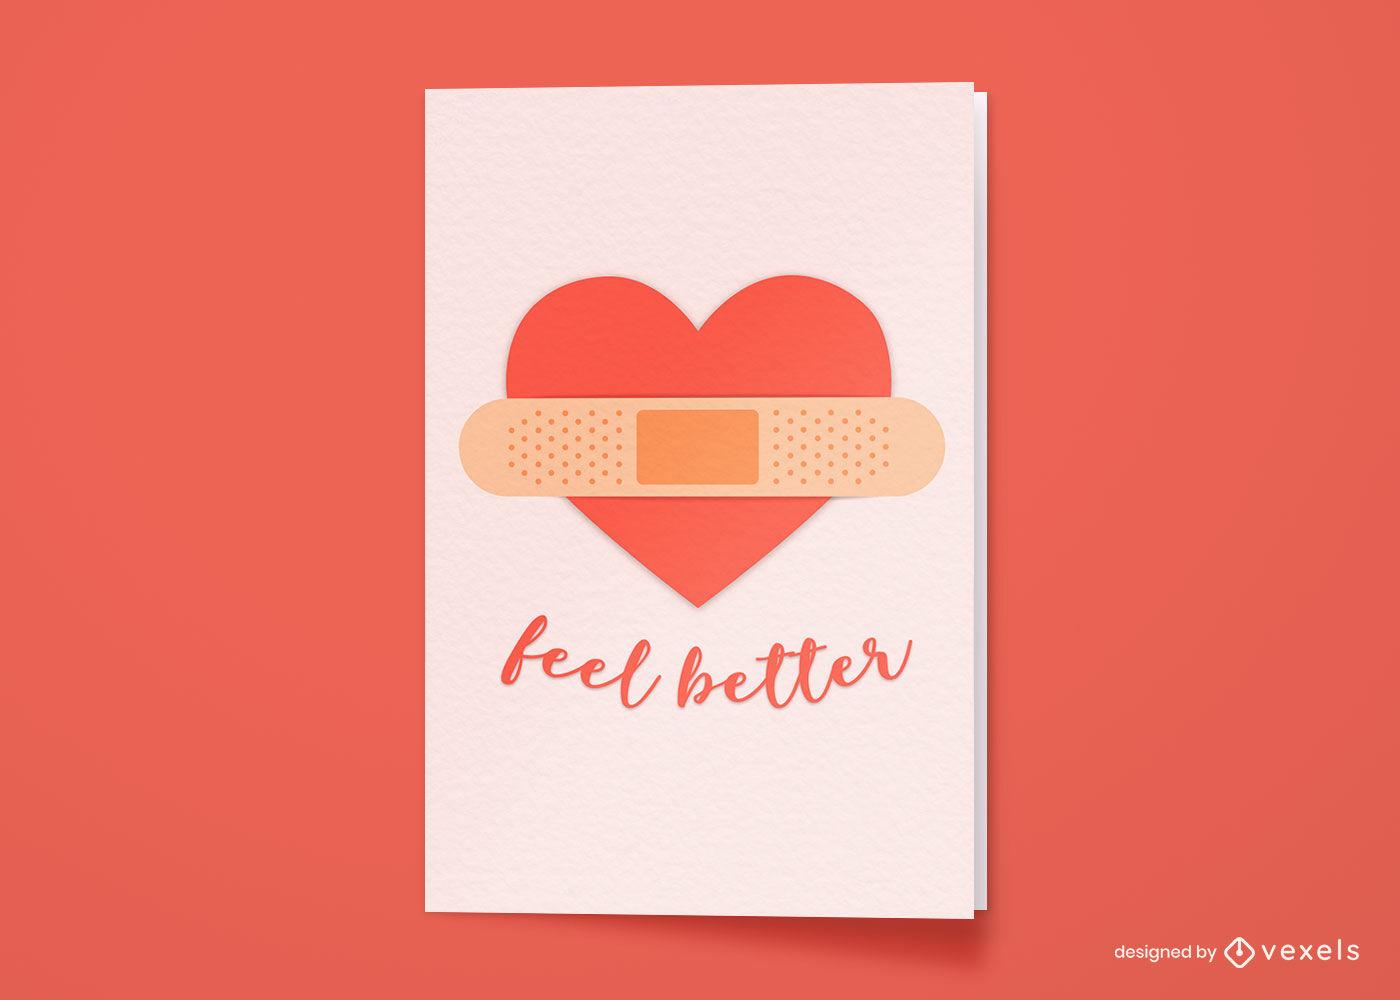 Cartão de felicitações de saúde cardíaca enfaixada